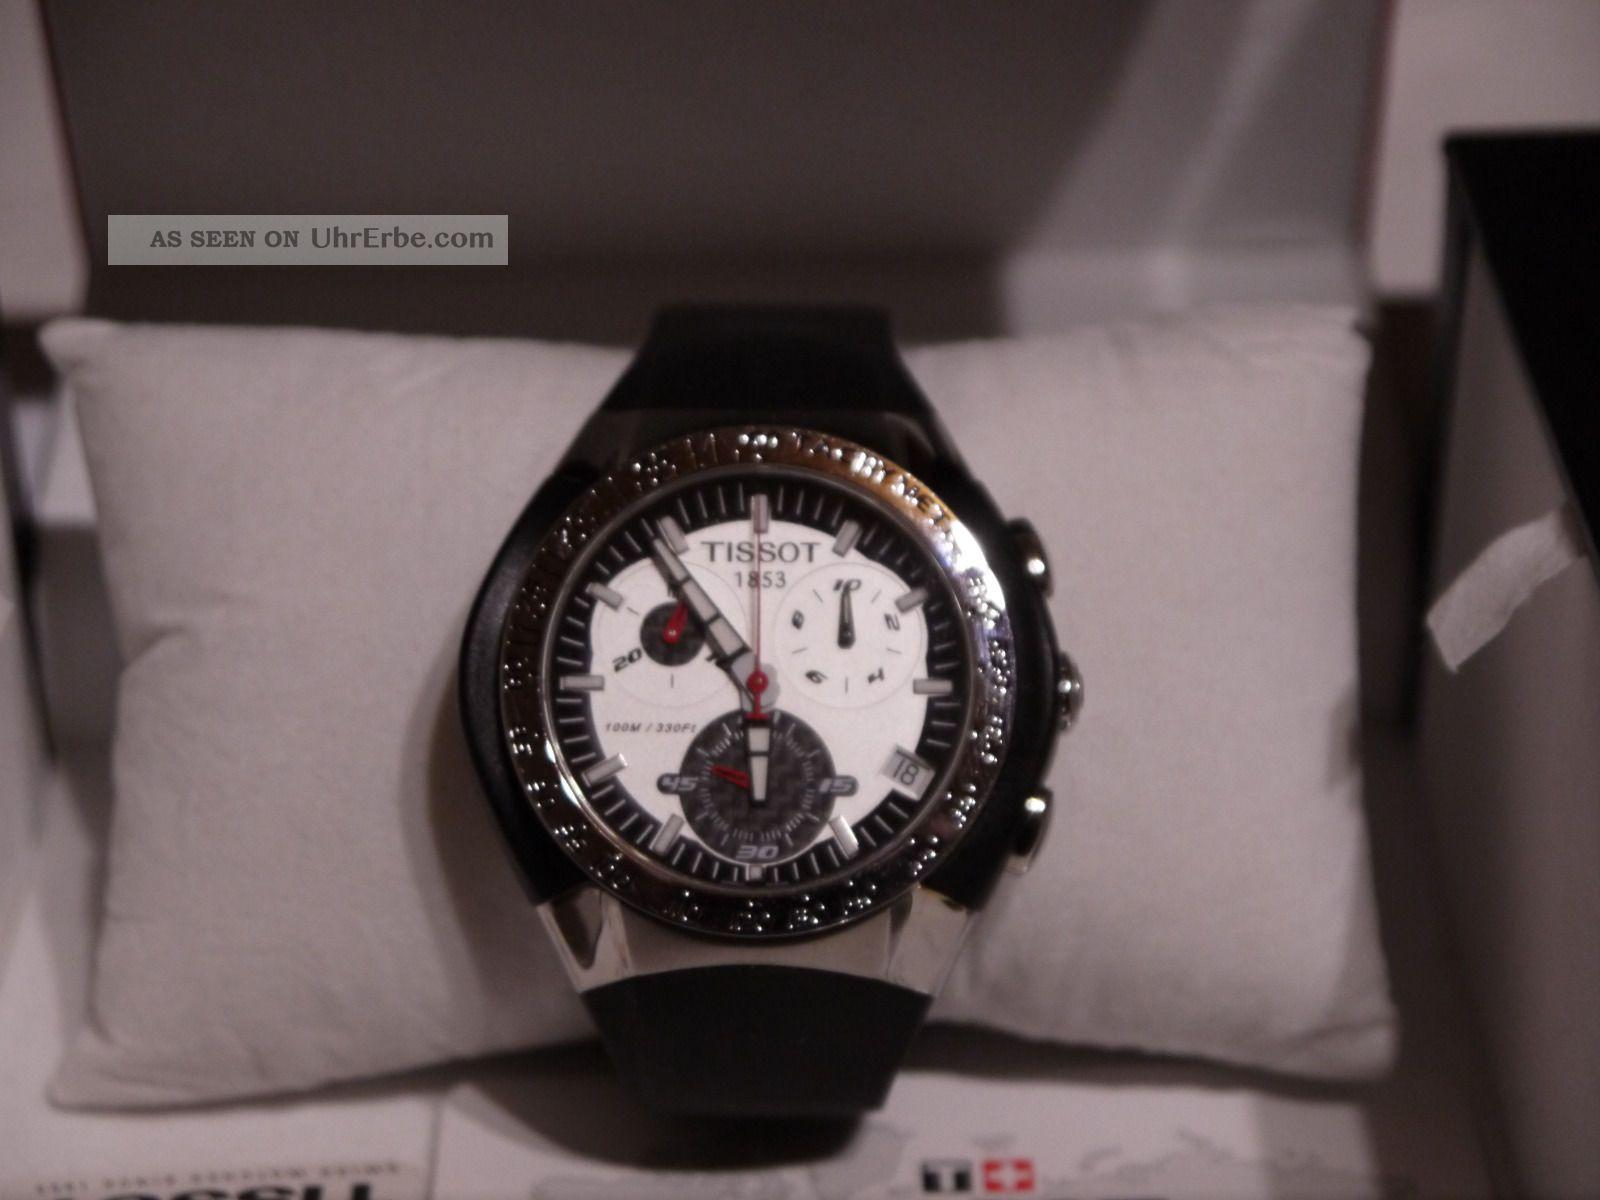 Tissot Couturier Chronograph Herrenuhr Mit Datum Armbanduhren Bild